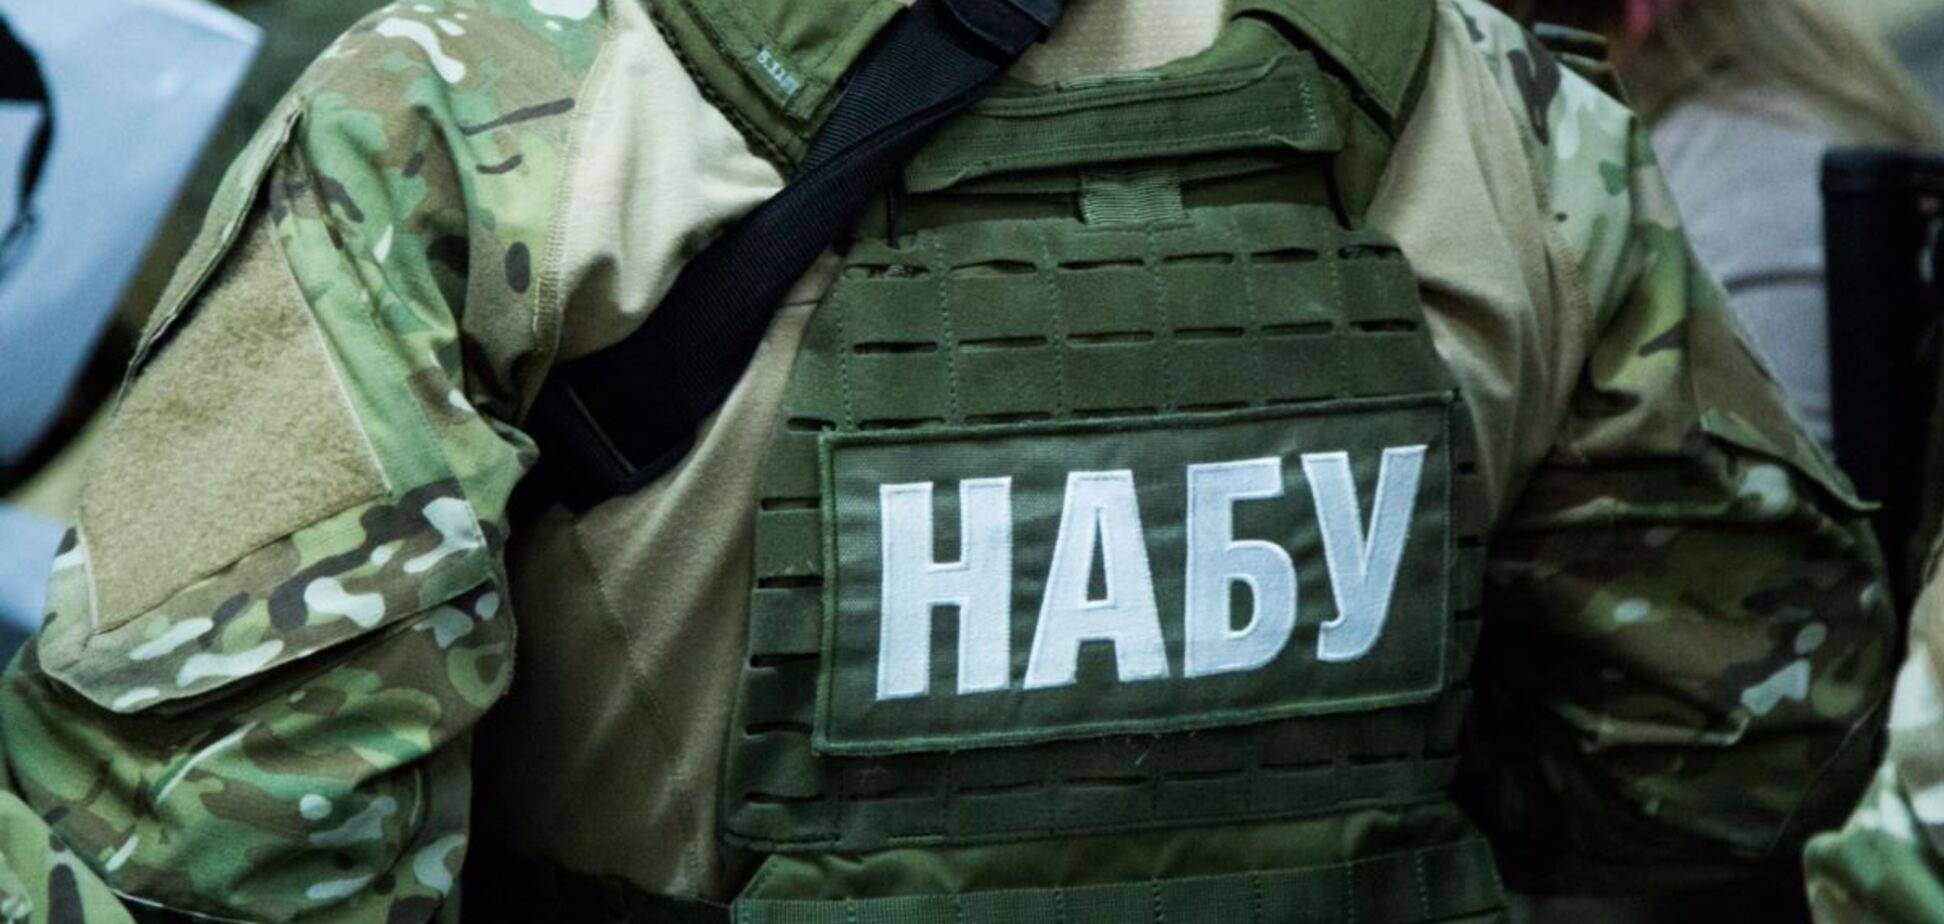 НАБУ продолжает спекулировать на деле ''Роттердам+'' даже после его закрытия. Фото: 112 Україна